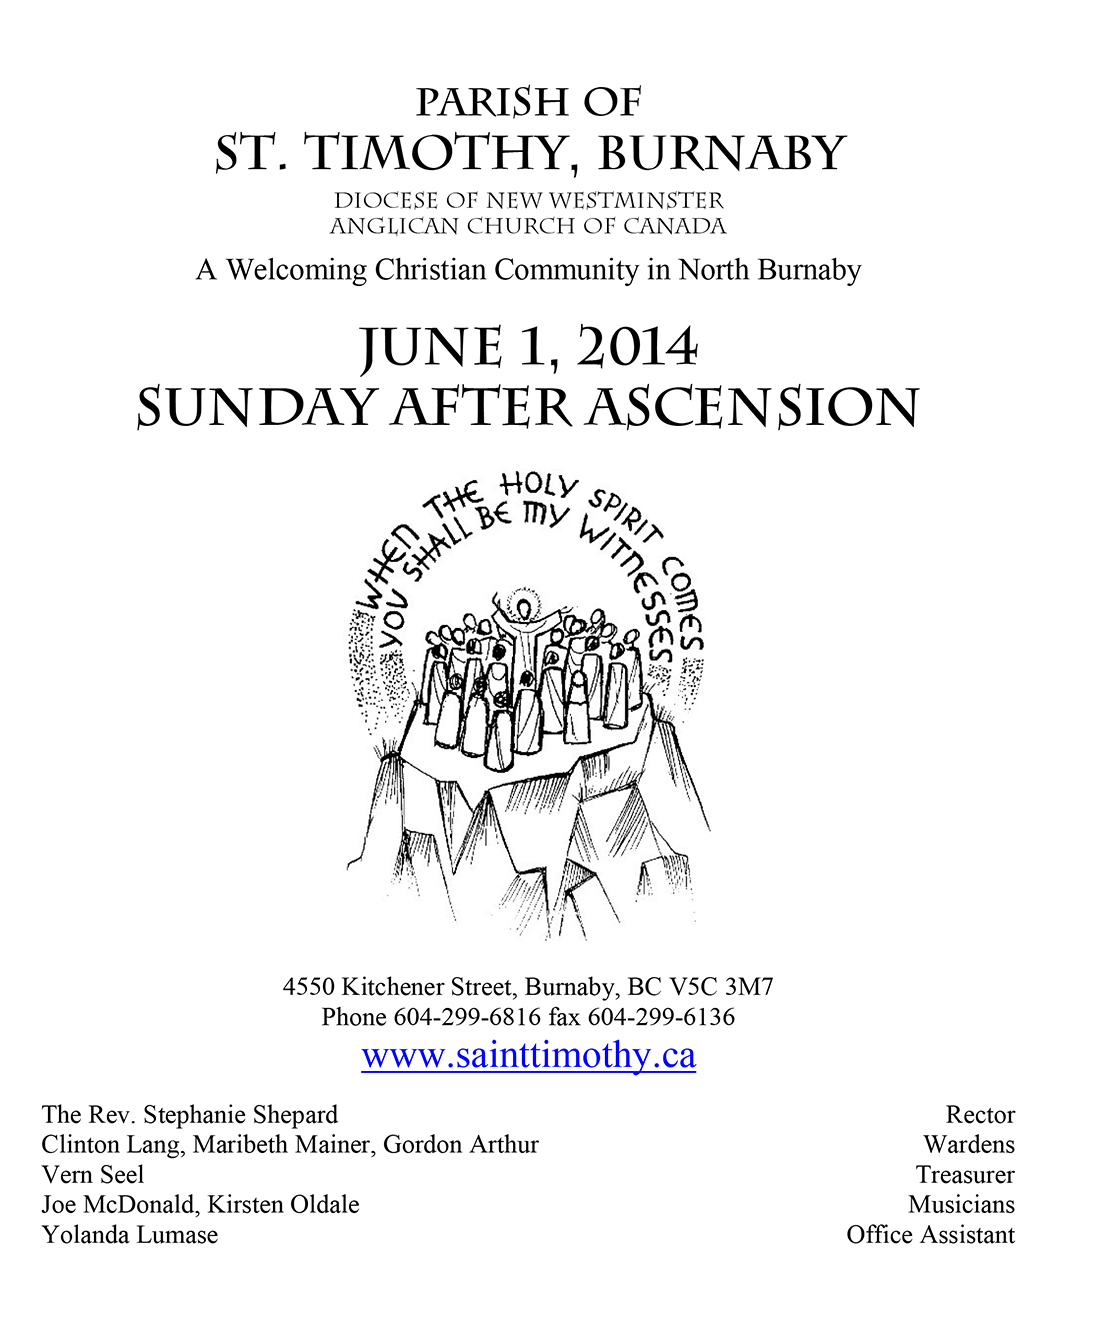 Bulletin: June 1, 2014